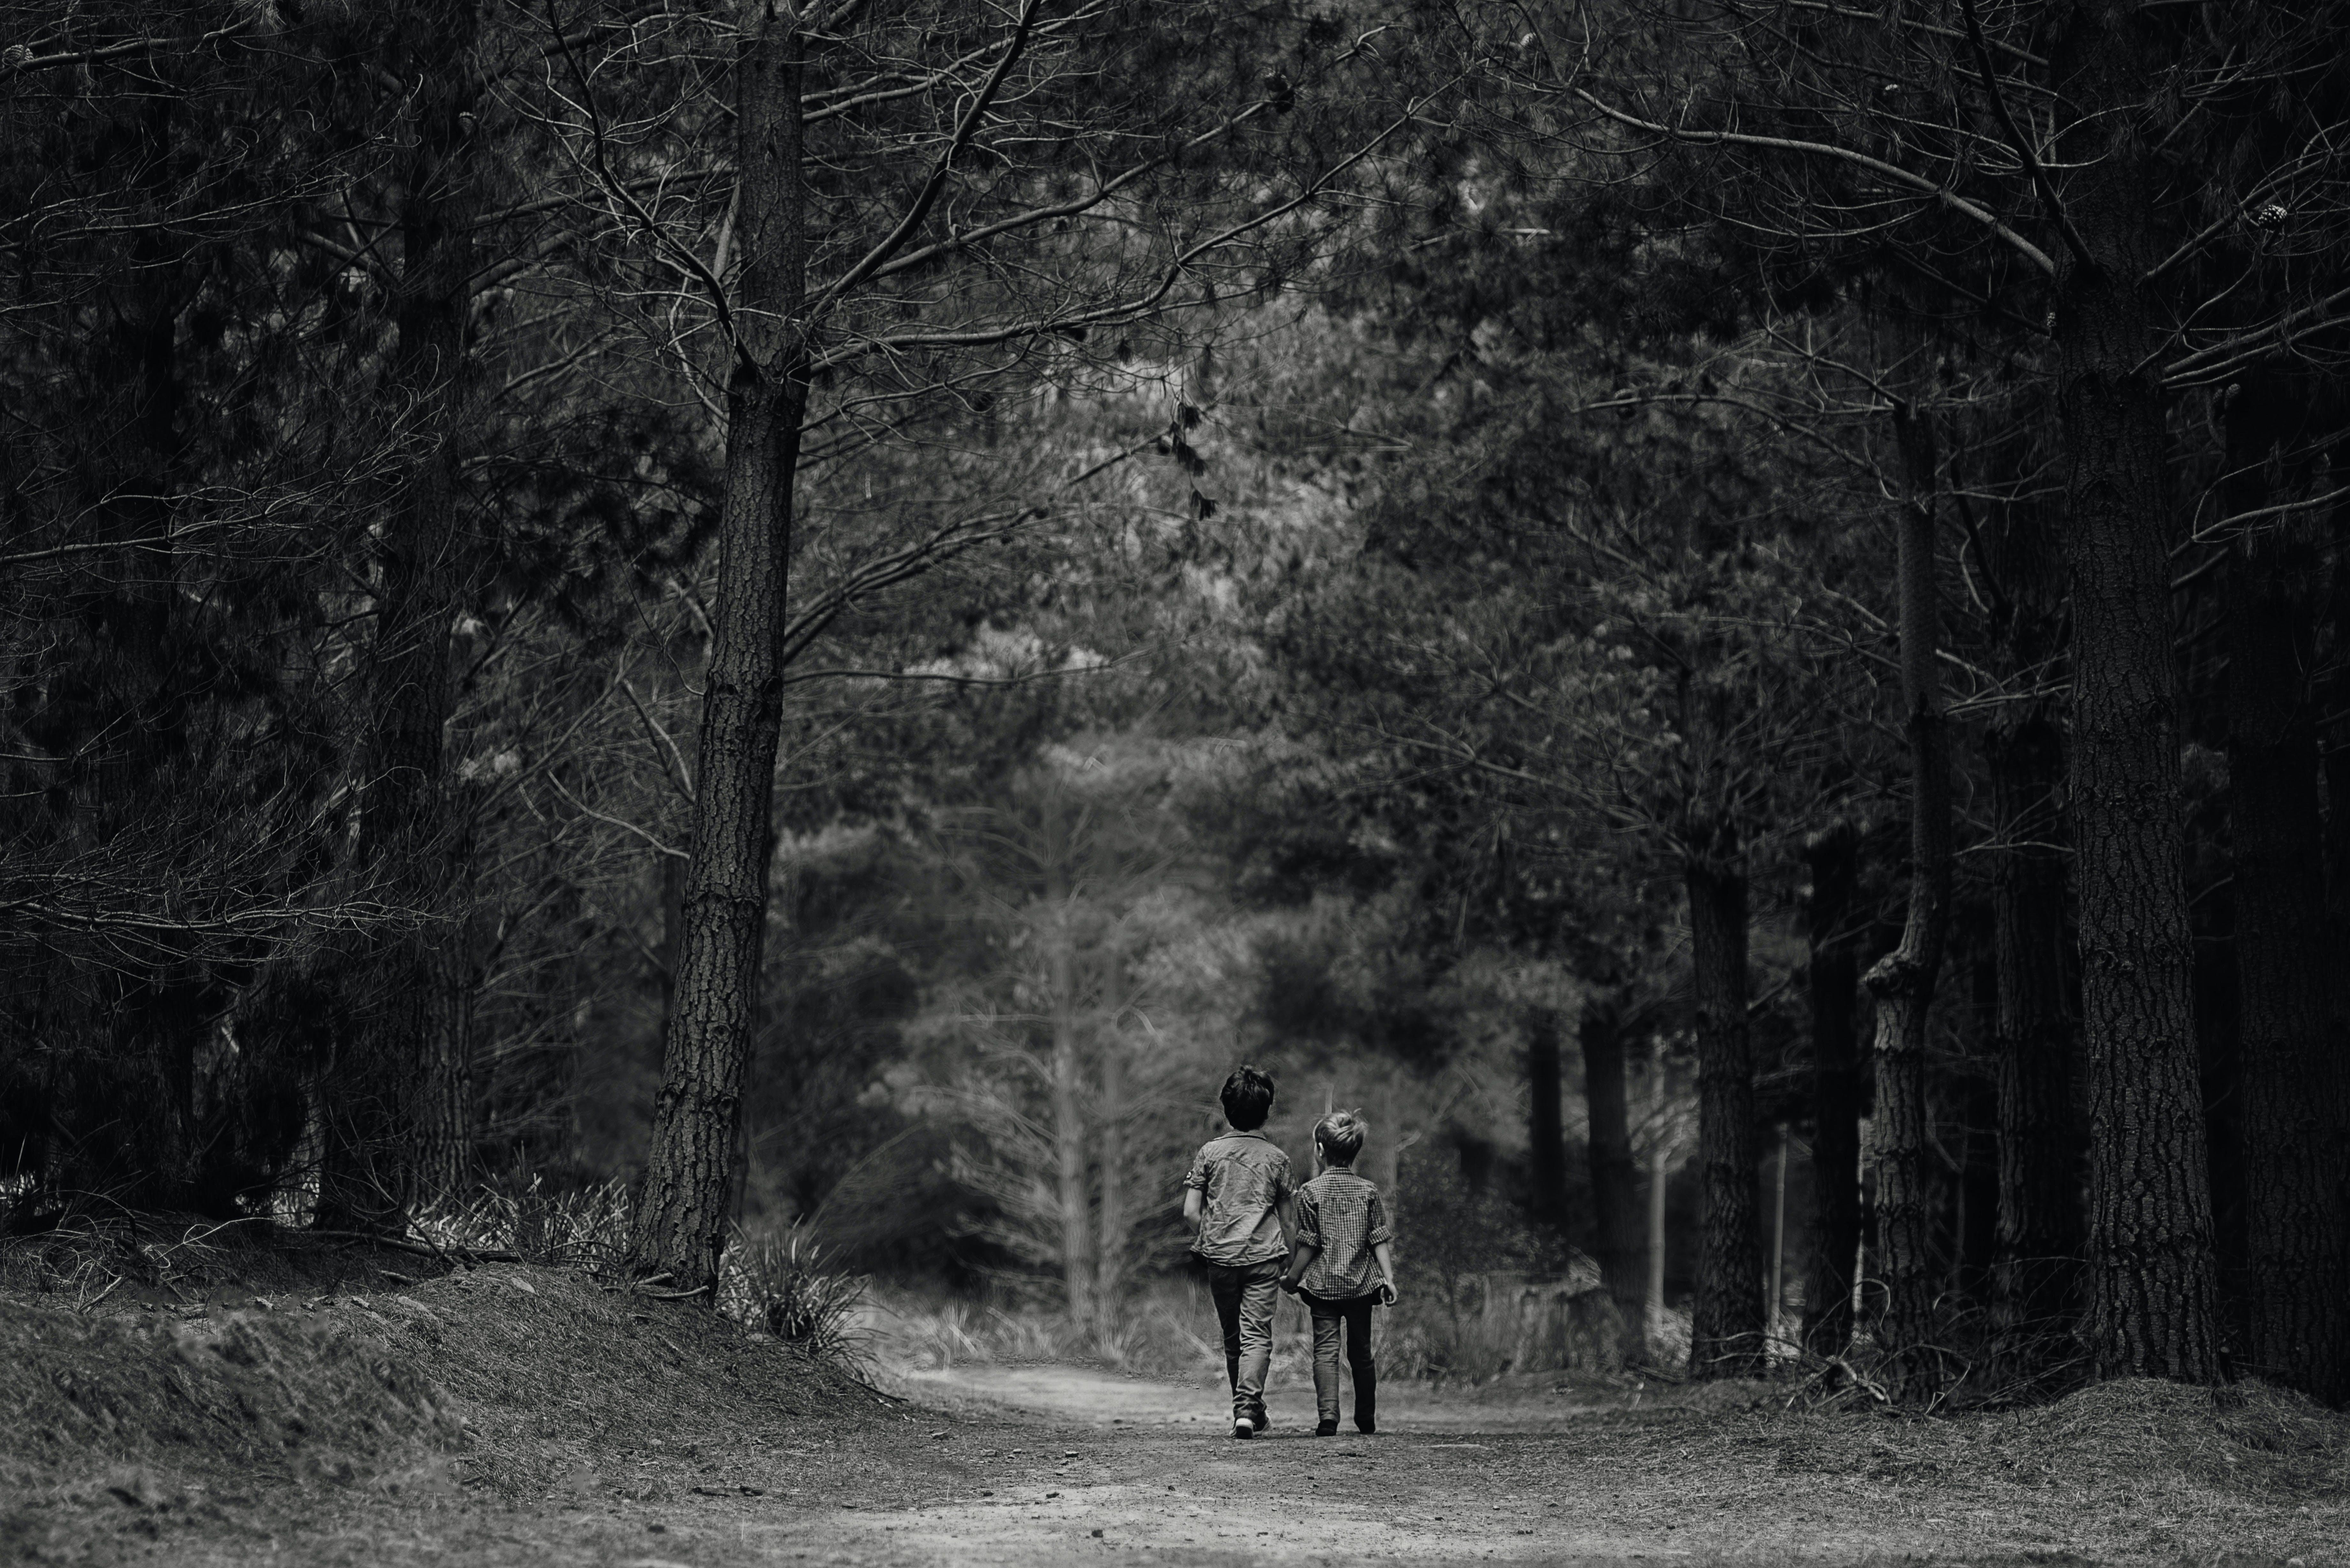 Two Children Walking at Pathway